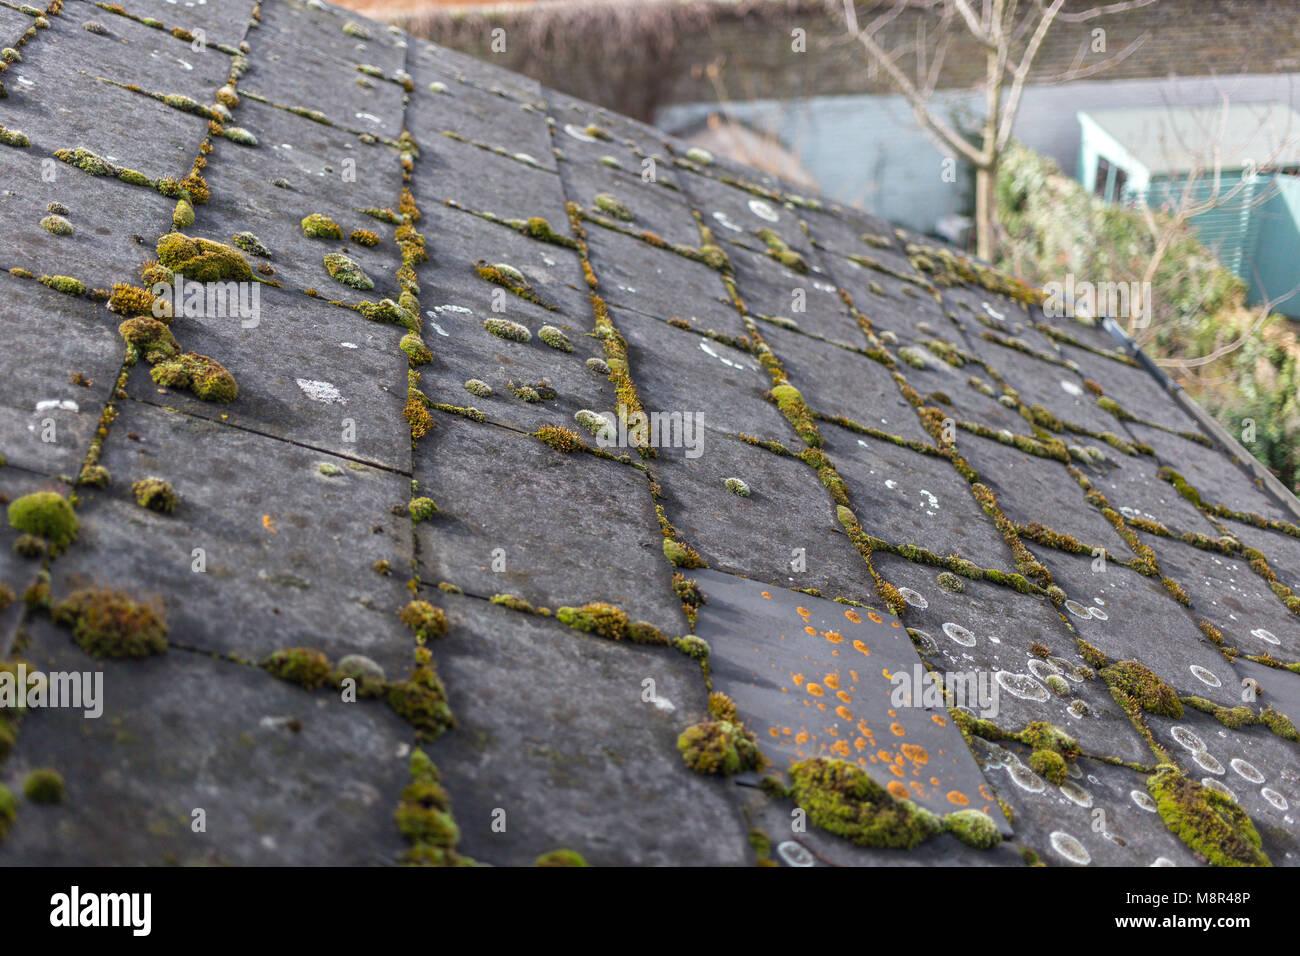 Verde muschio e alghe sul tetto in ardesia piastrelle foto